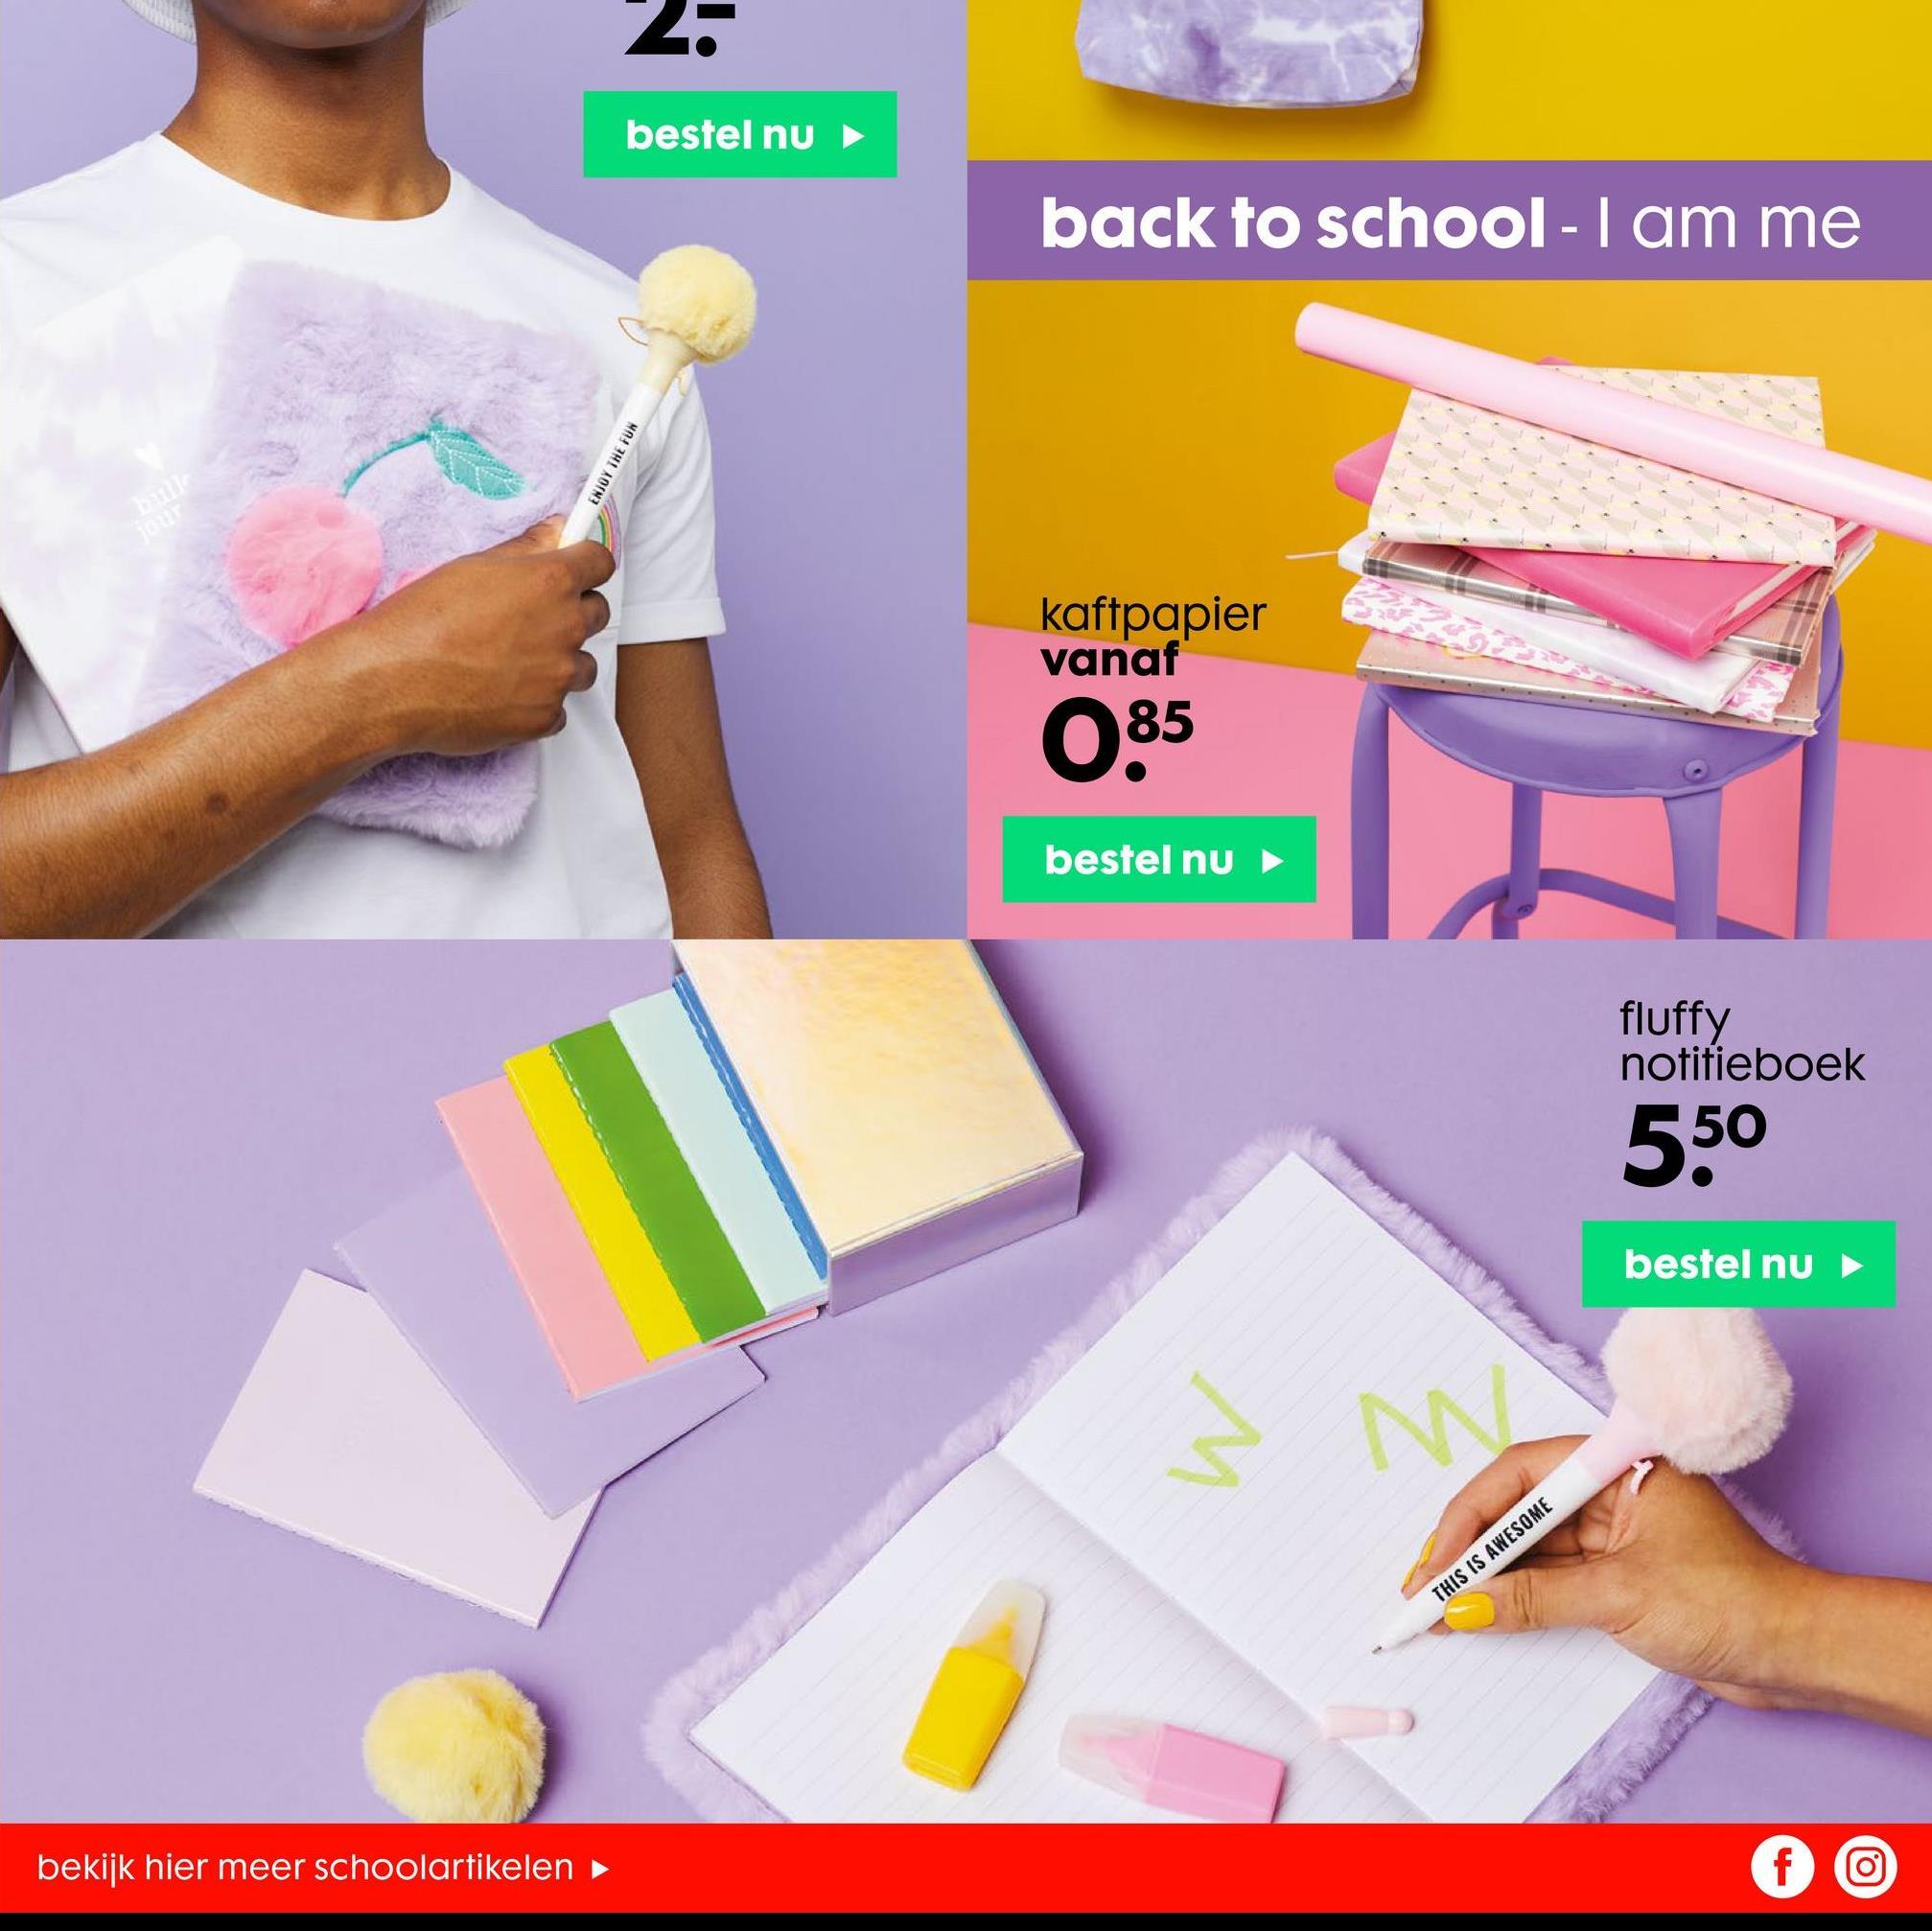 2. bestel nu back to school - I am me ENJOY THE FUN kaftpapier vanaf 85 085 bestel nu fluffy notitieboek 550 bestel nu w N. THIS IS AWESOME bekijk hier meer schoolartikelen fo